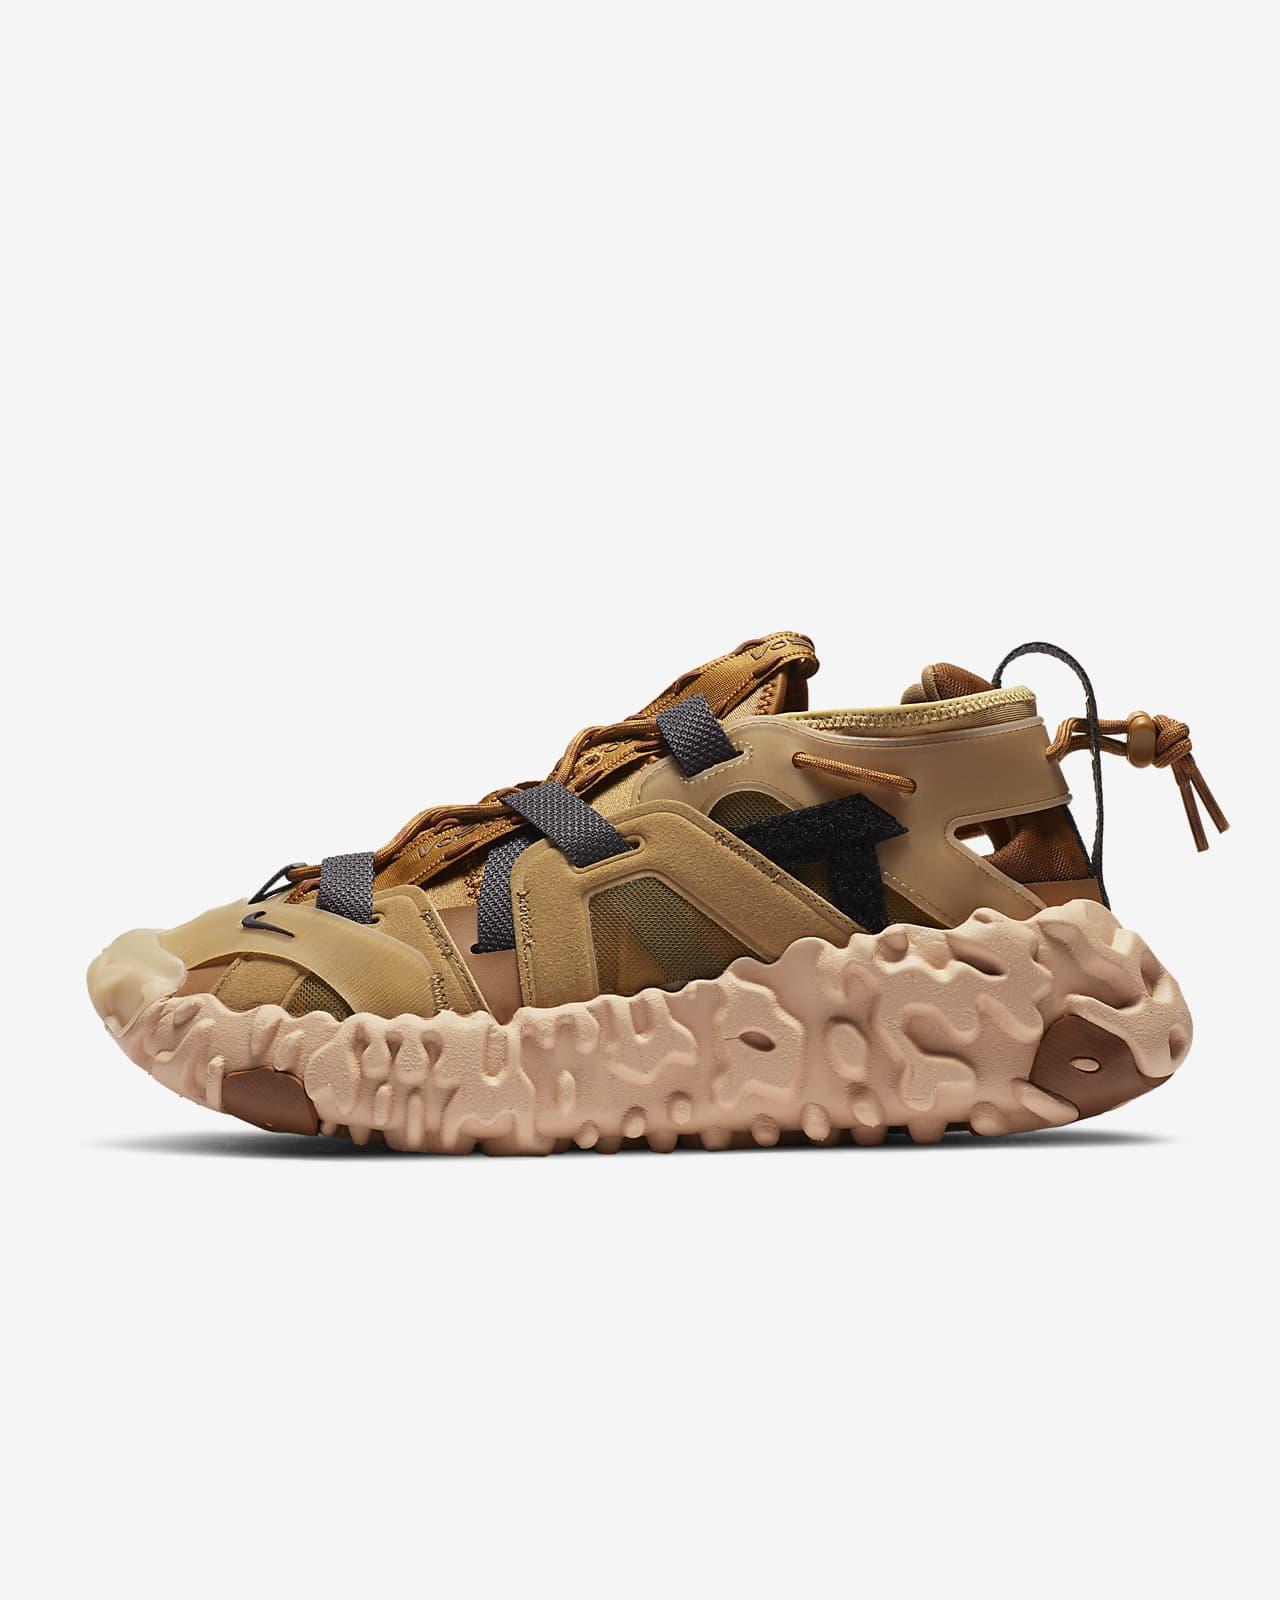 Nike ISPA OverReact Sandalias